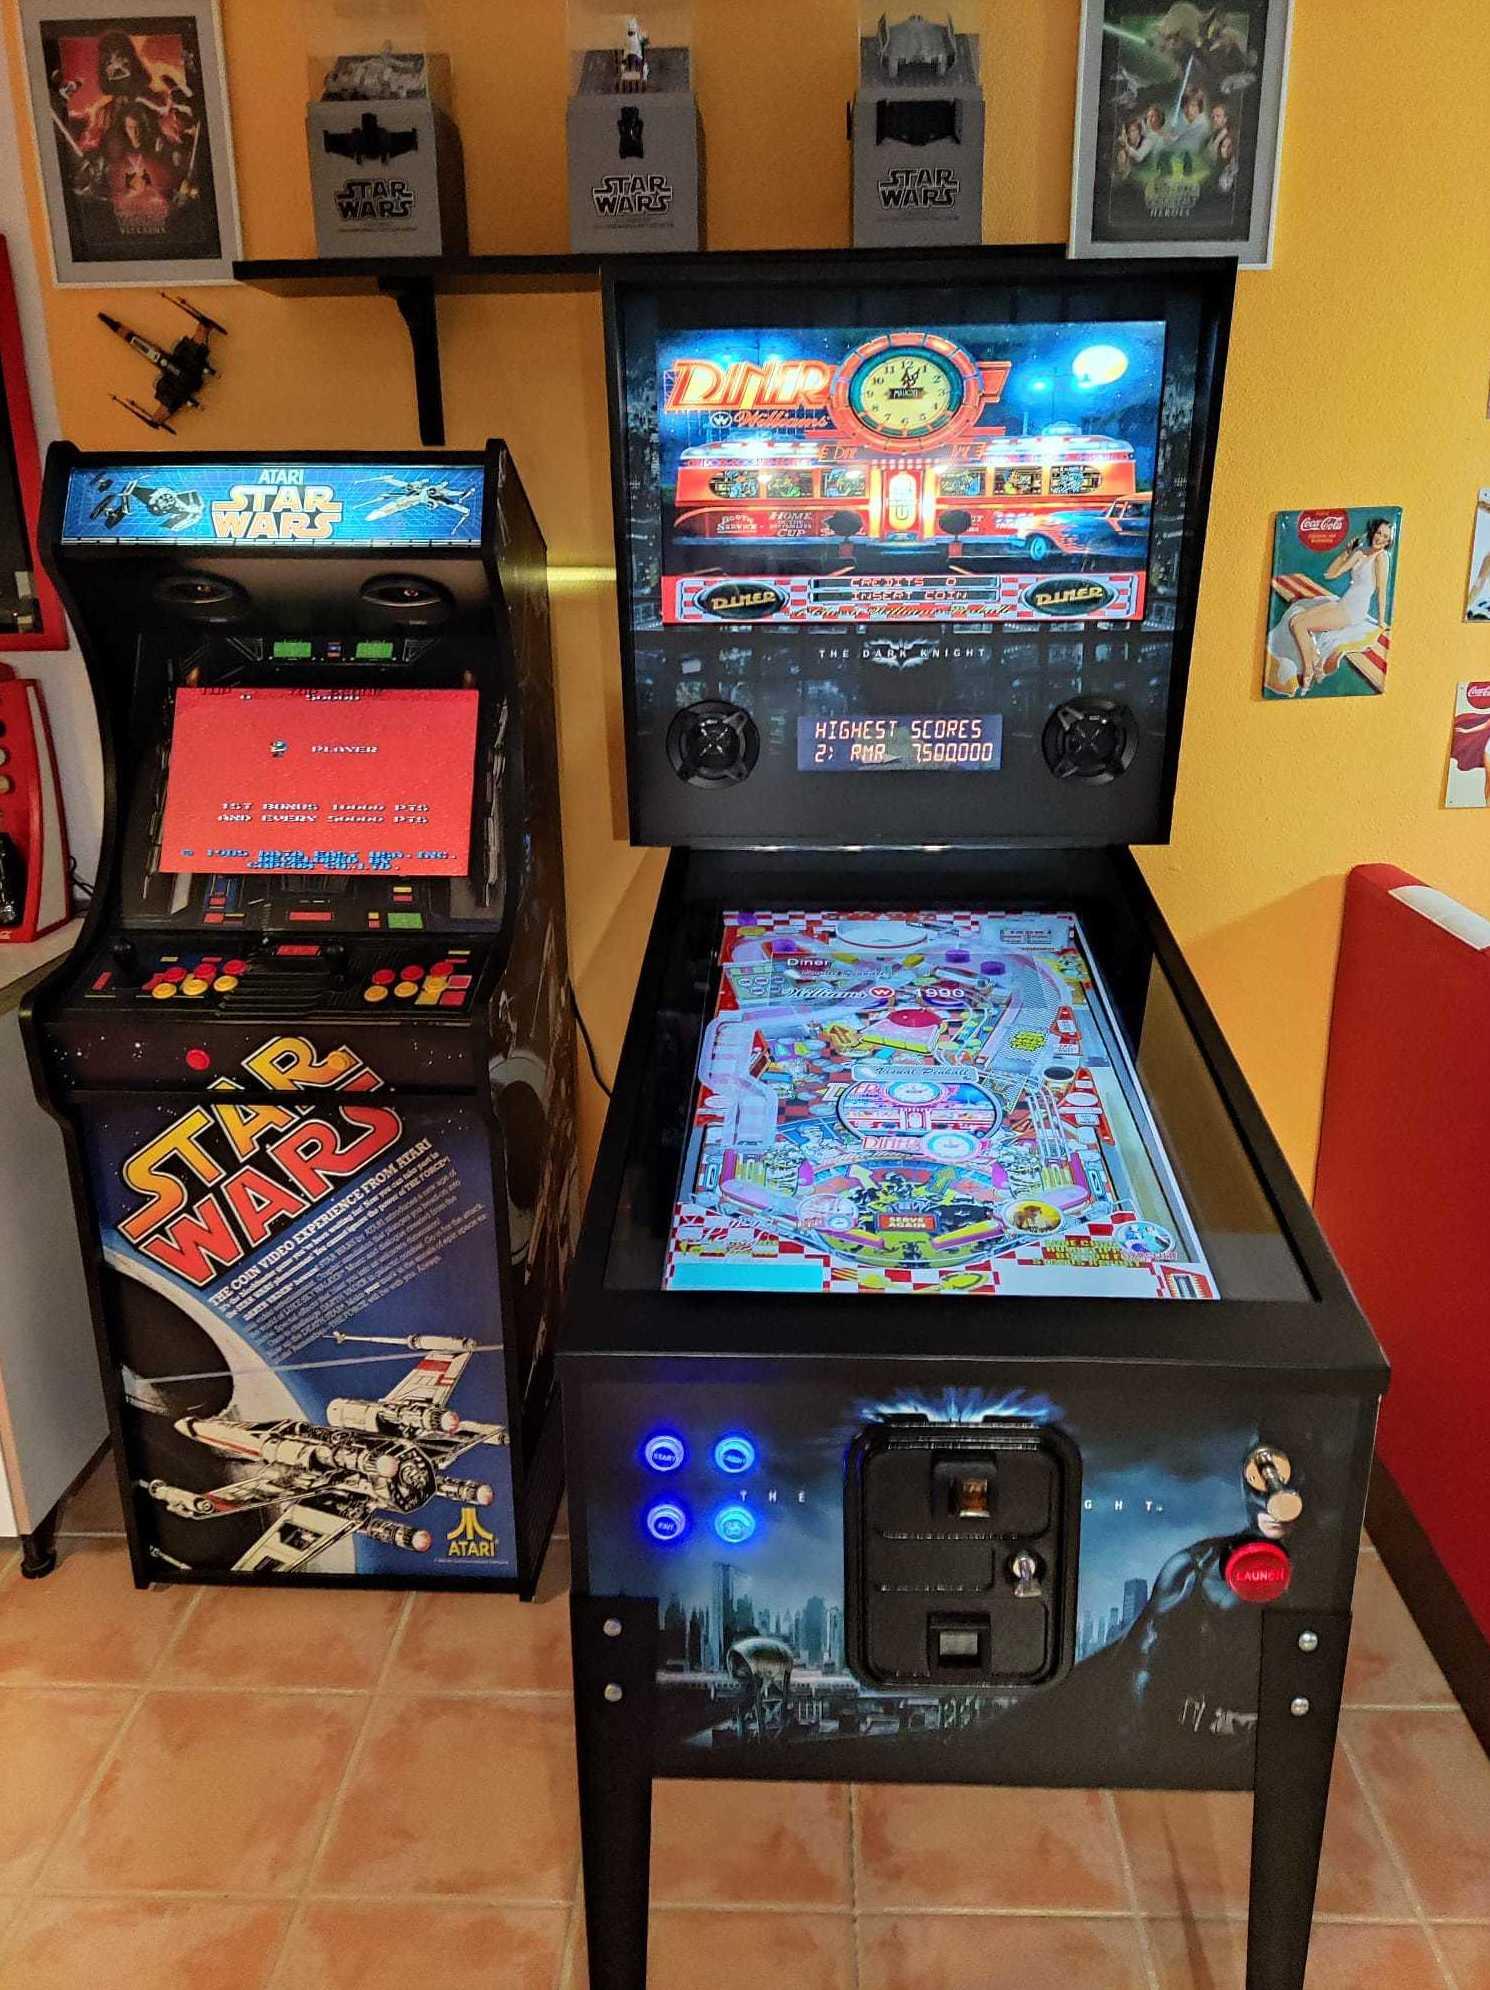 Pinball Virtual : Maquinas Recreativas/Pinball de Mundo Arcade Sevilla